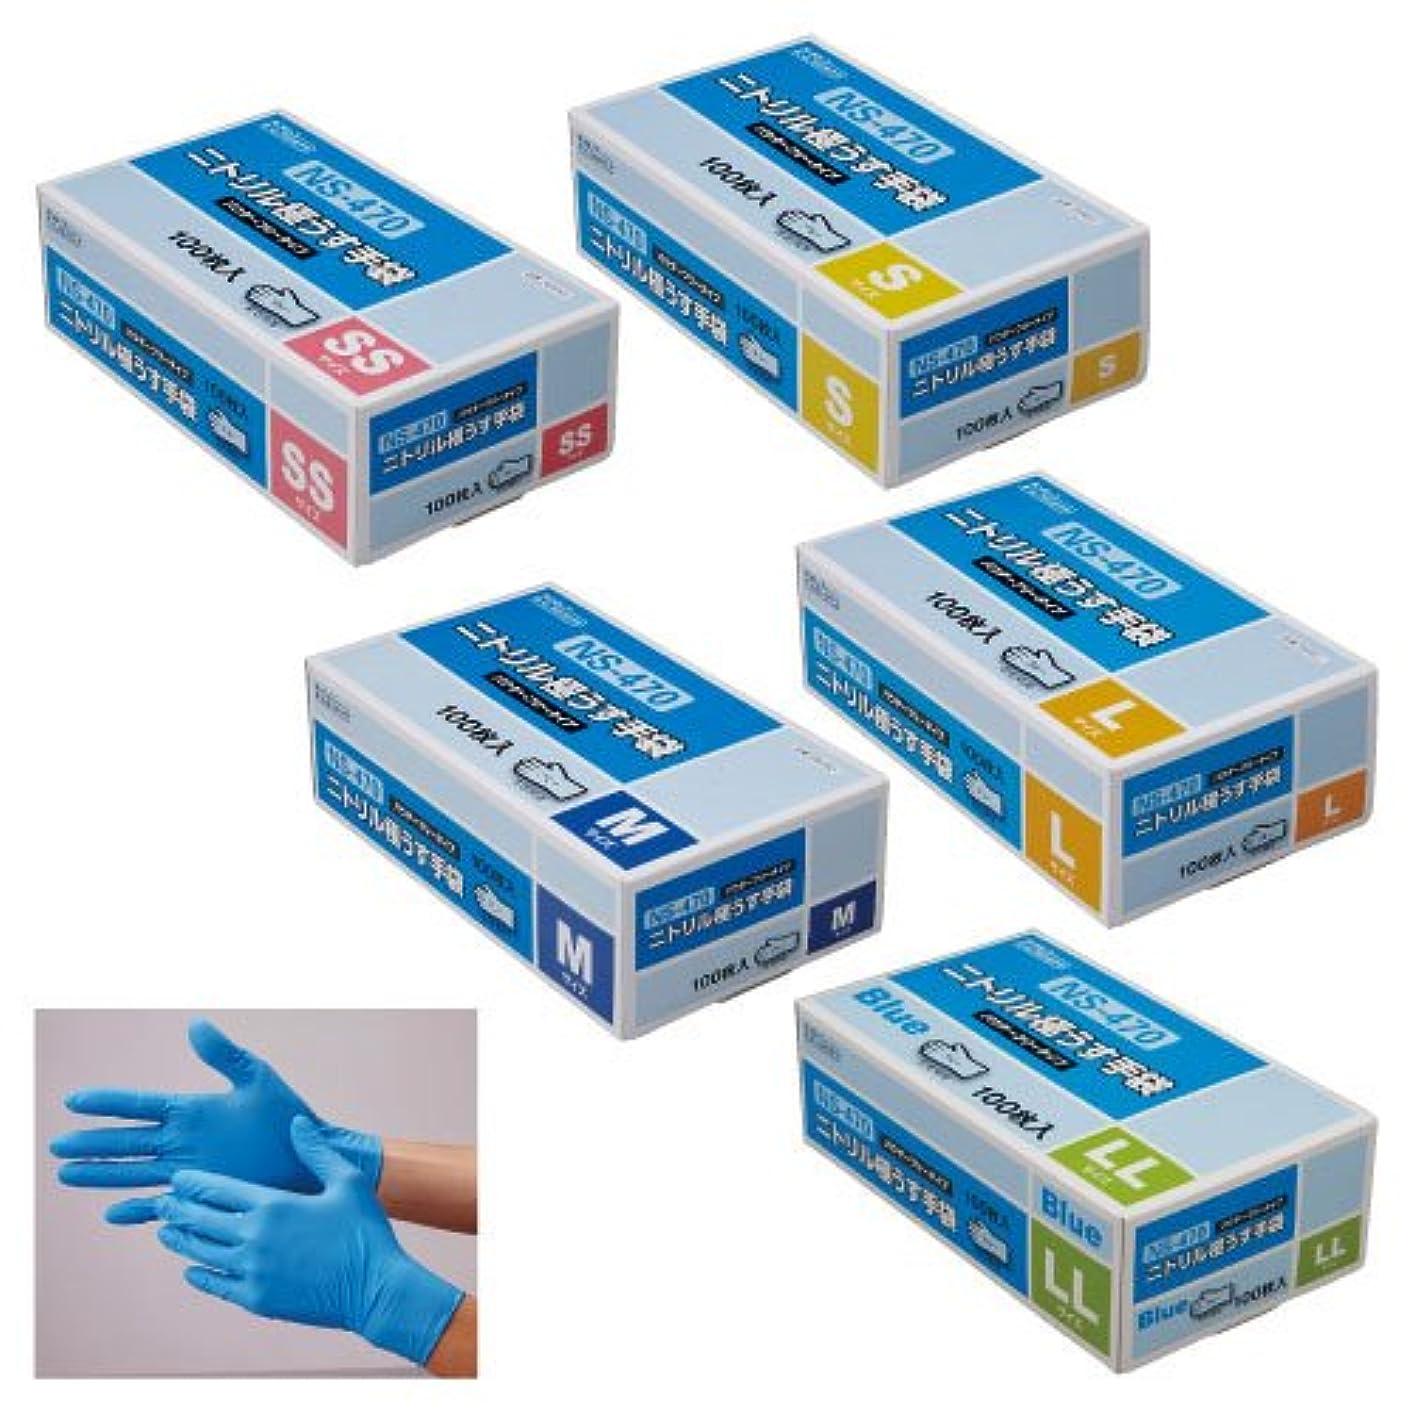 ケニア優れました遅れニトリル極うす手袋 NS-470 ??????????????NS470 06451(L)????100????(24-2571-03)【20箱単位】